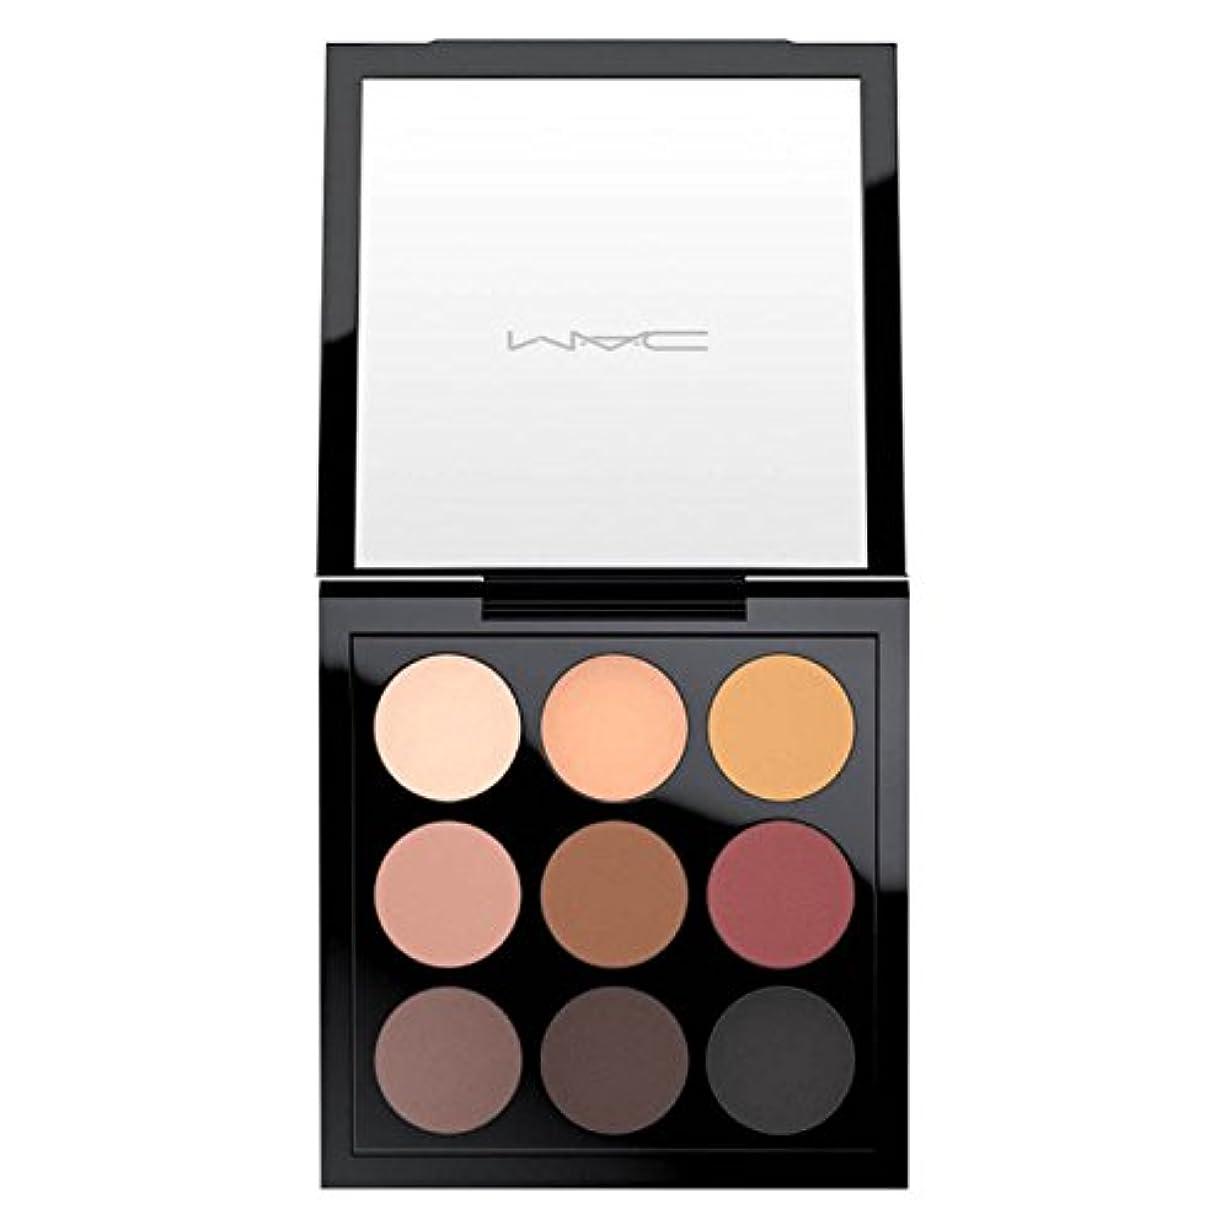 怒るモジュール驚かすM.A.C ?マック, Semi-Sweet Times Nine Eyeshadow Palette セミスウィートタイムズナインアイシャドウパレット [海外直送品] [並行輸入品]